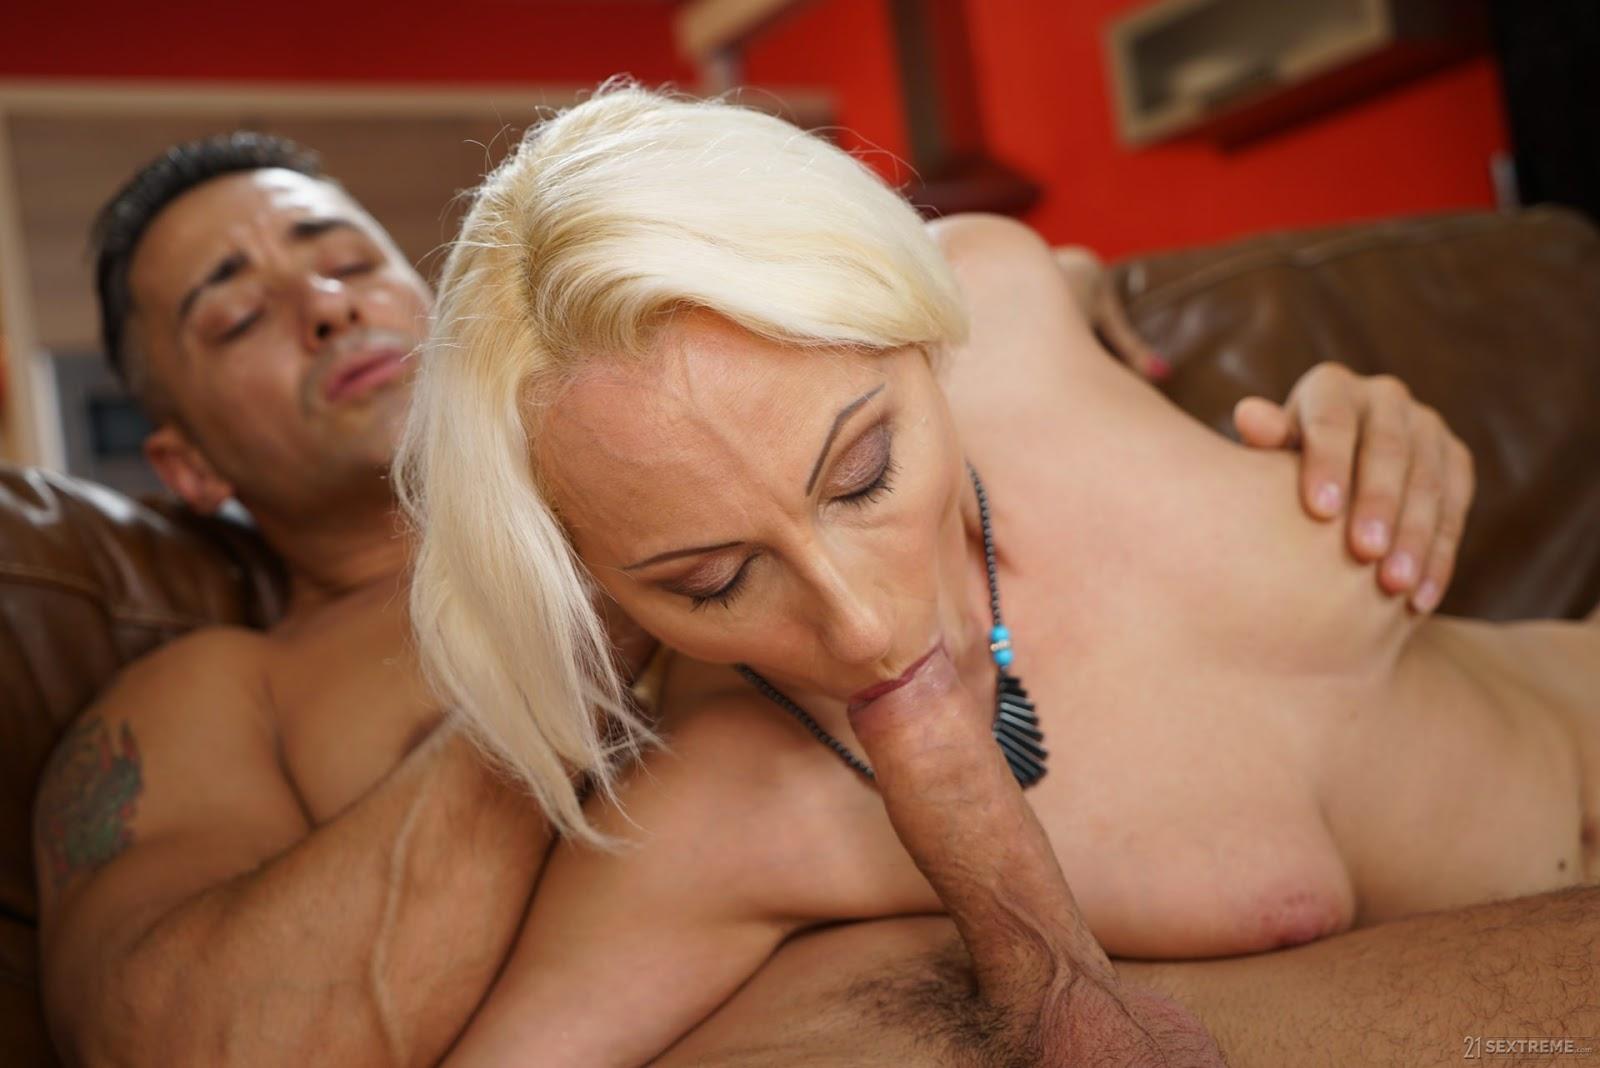 My Neighborisa Pornstar,21 SEXTREME, 4K, Anal, Threesome, Uncensored, Westen, Westen Porn,Mugur ,Szandi